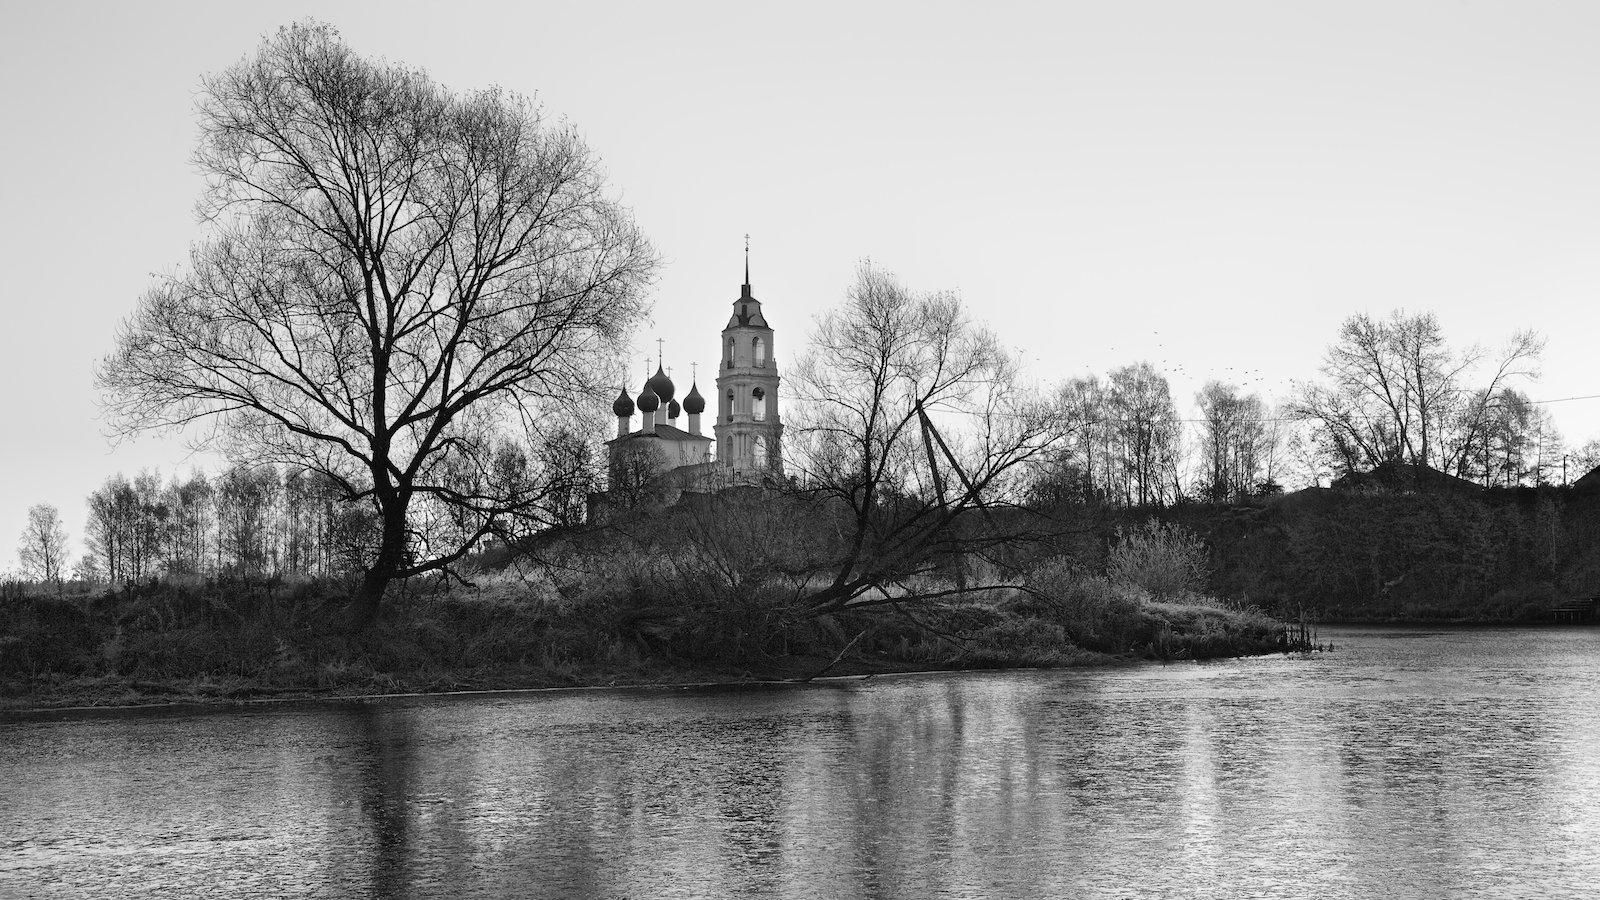 пейзаж храм церковь осень восход река лёд, СПИРИДОНОВ НИКОЛАЙ